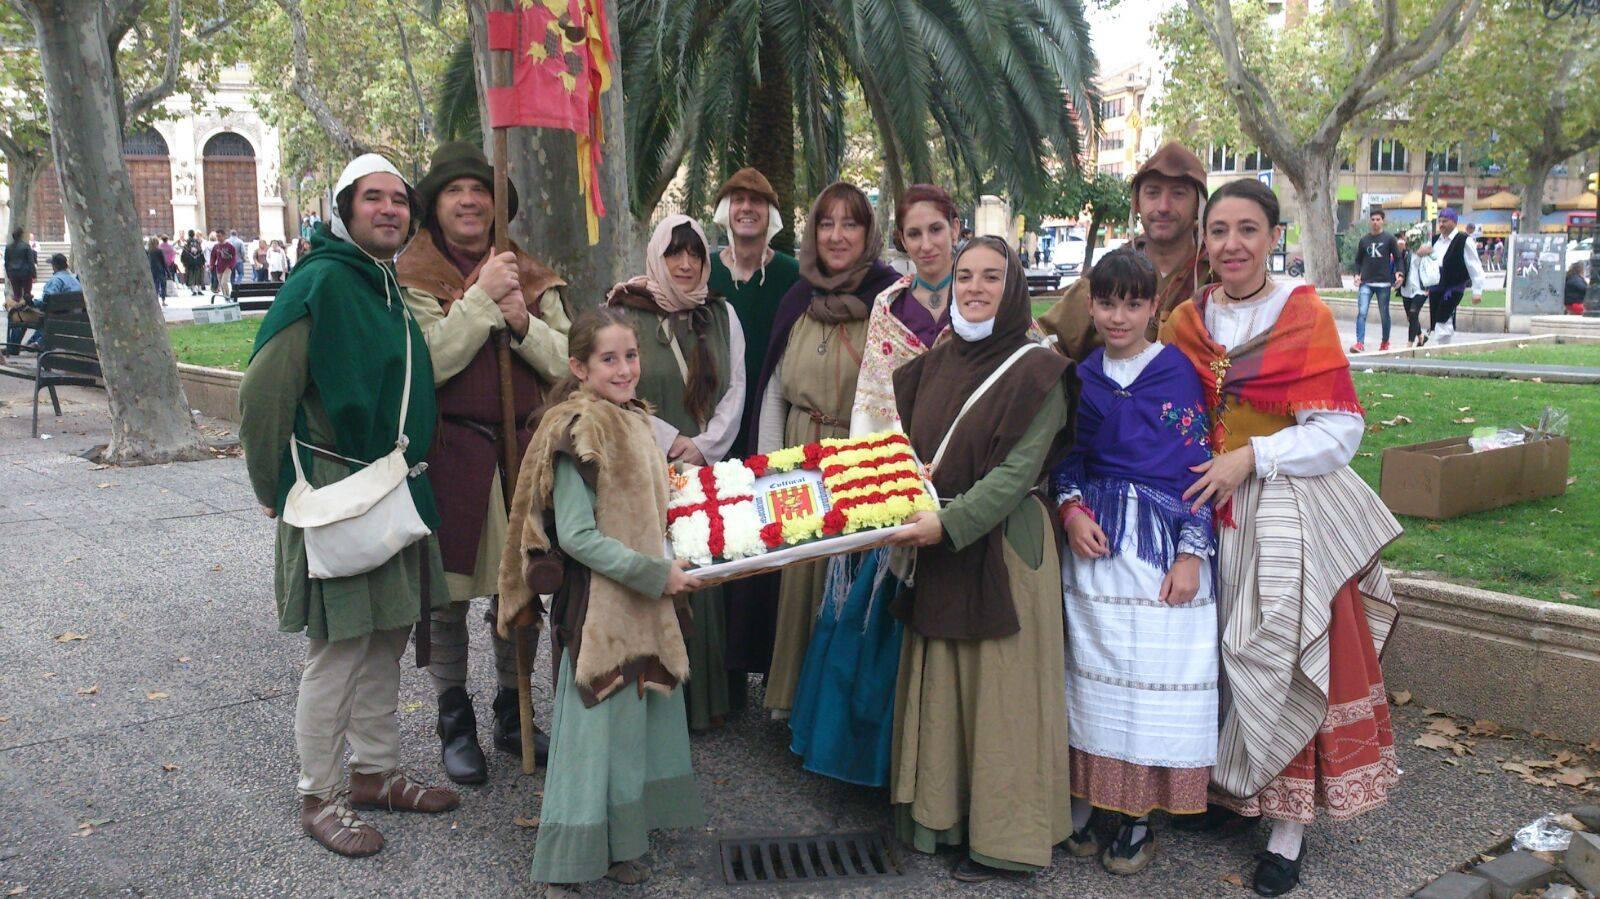 Grupo Almogávar de Zaragoza, esperando para hacer la salida a la Ofrenda de Flores a la Virgen del Pilar